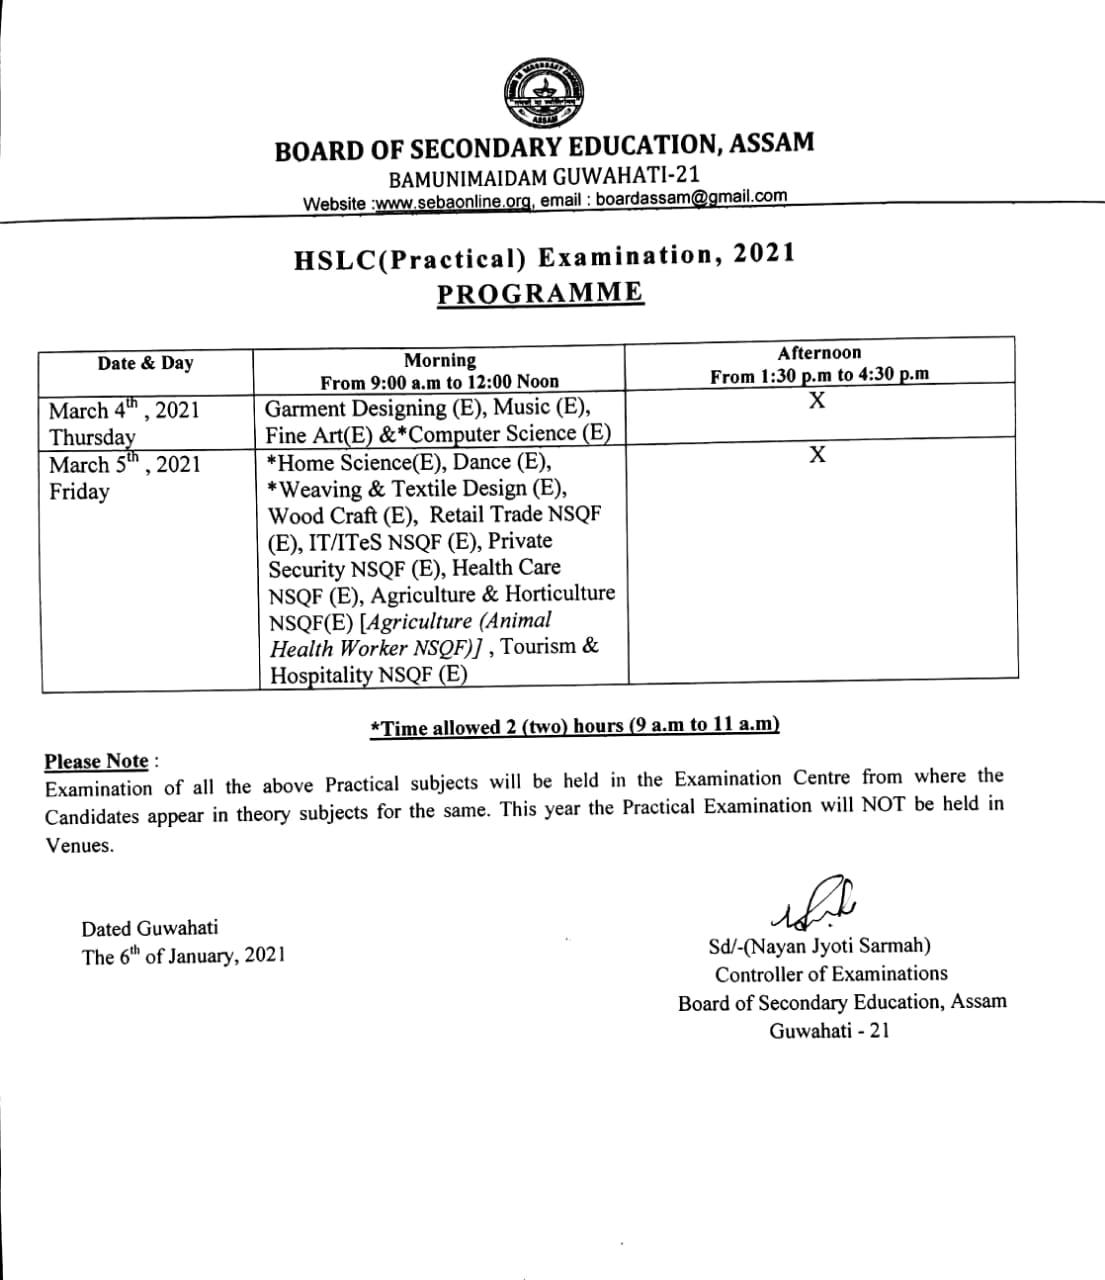 Assam HSLC Exam Routine 2021